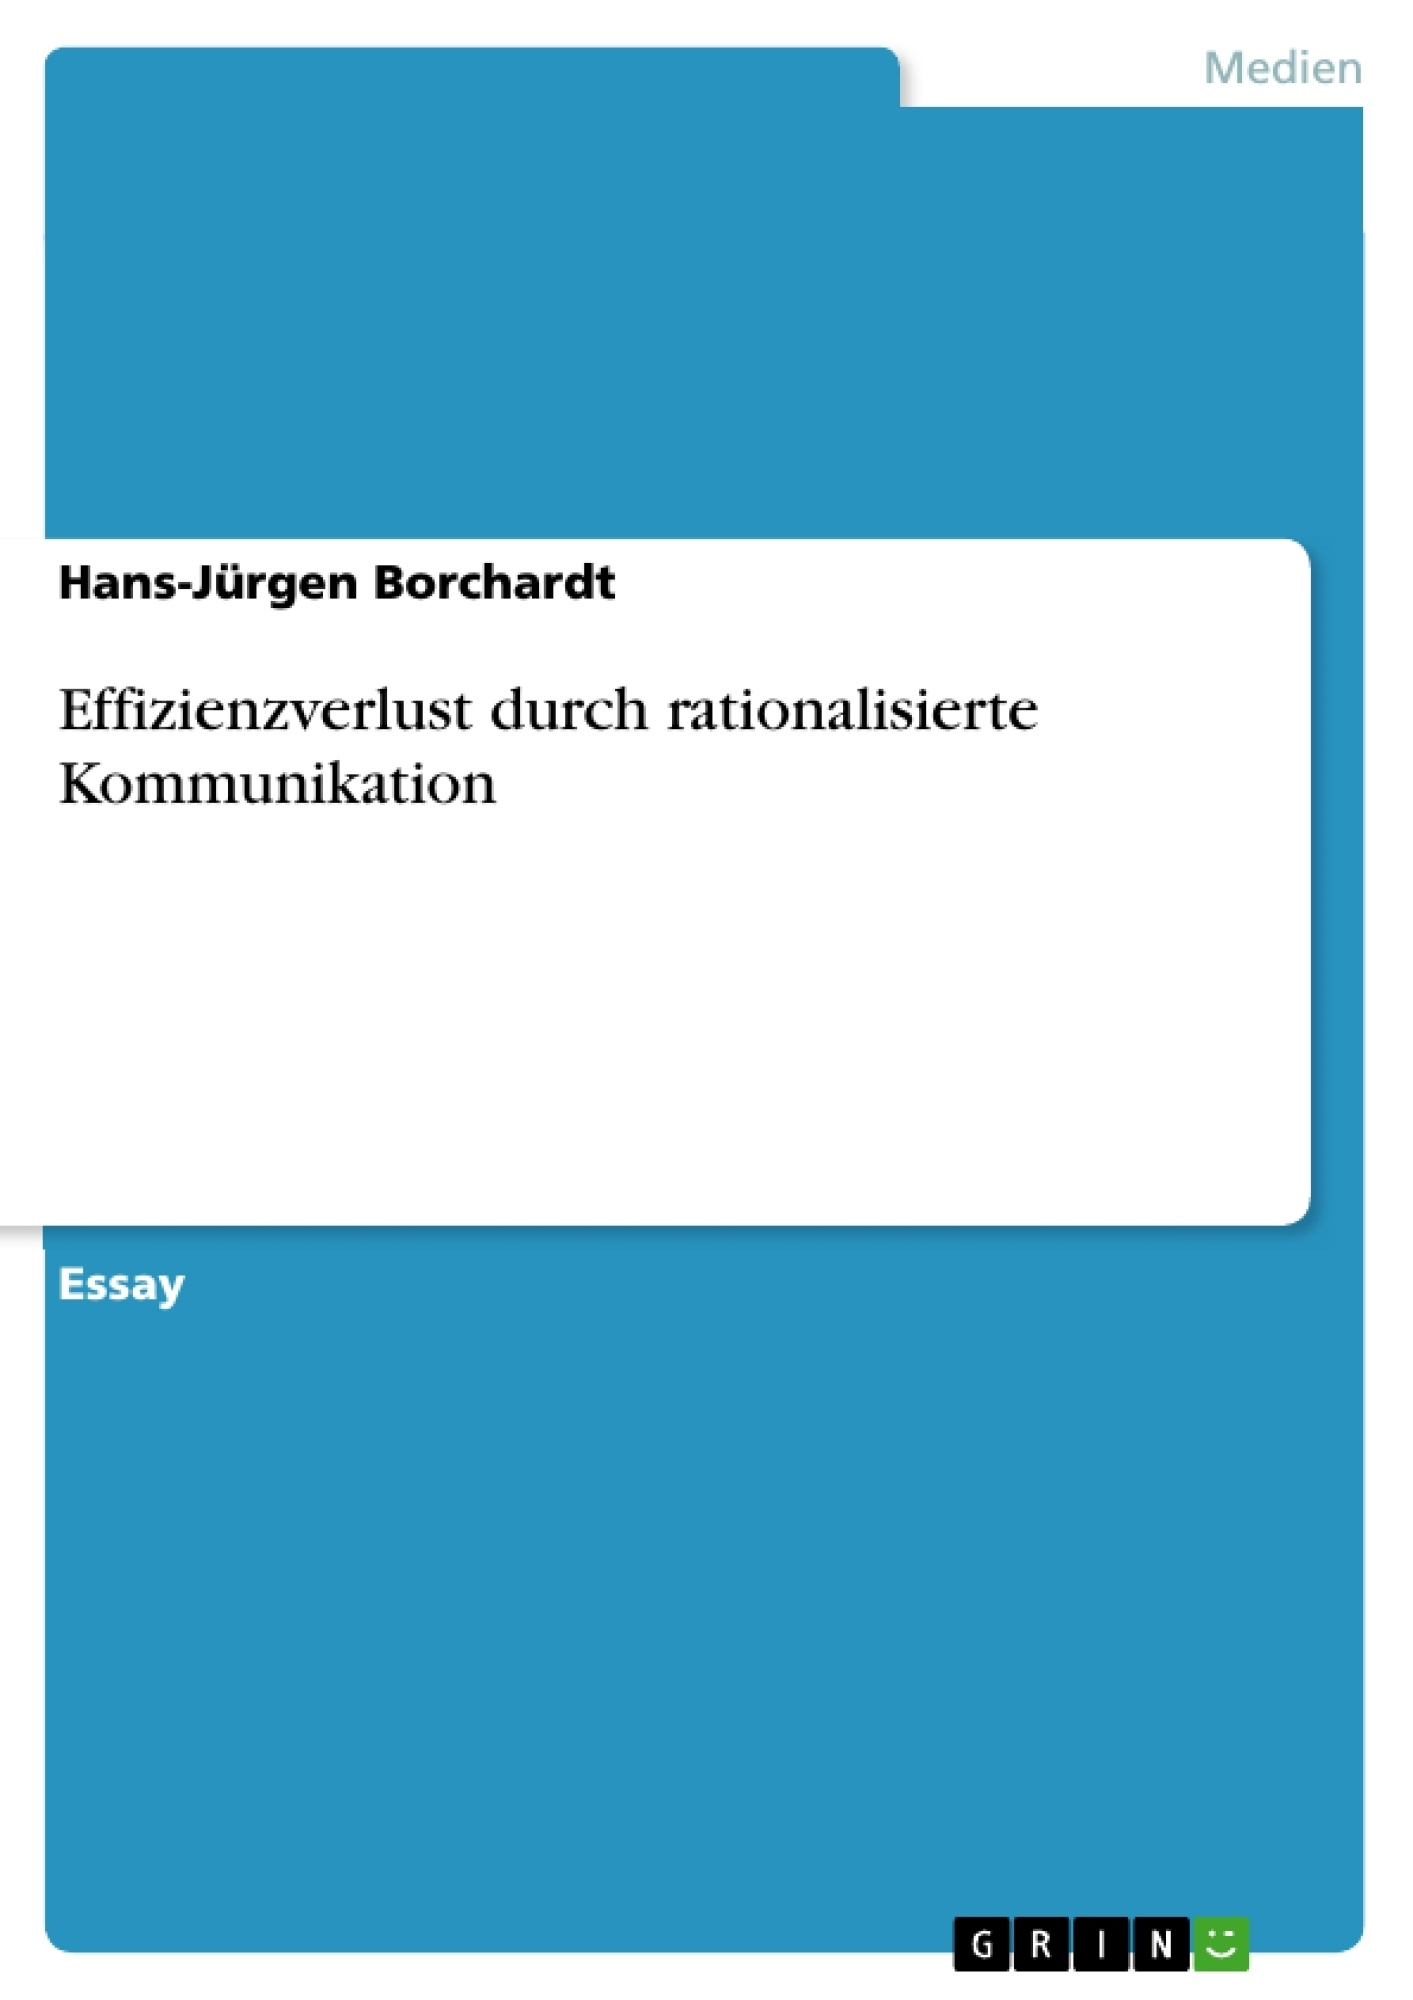 Titel: Effizienzverlust durch rationalisierte Kommunikation